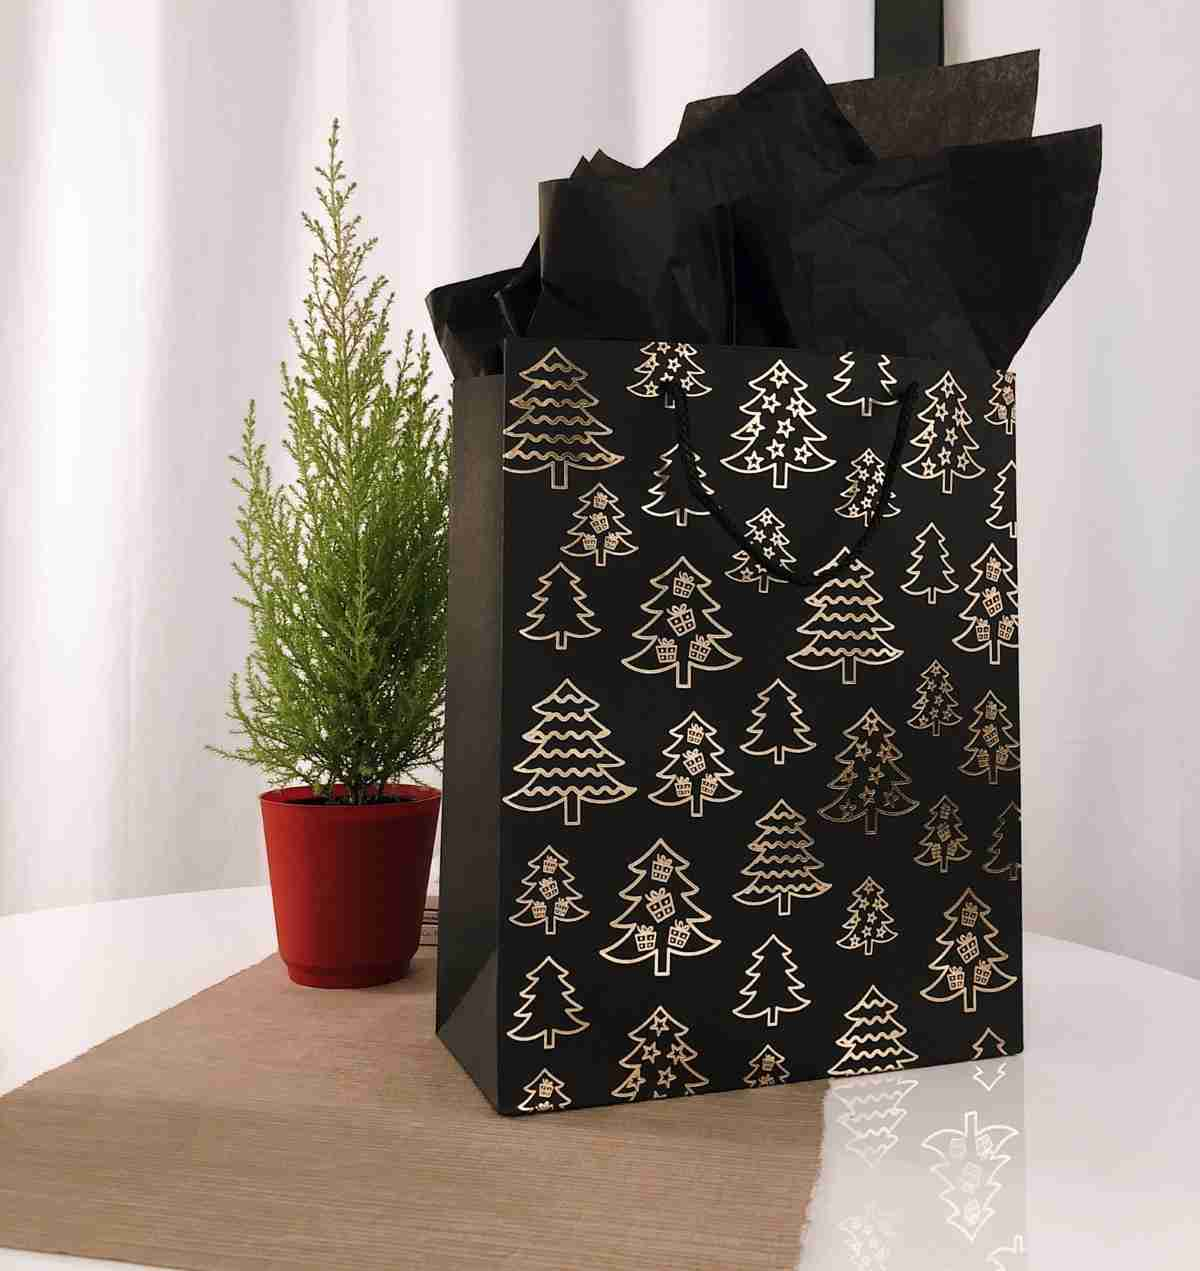 Envolver regalos de navidad con estas ideas geniales 10